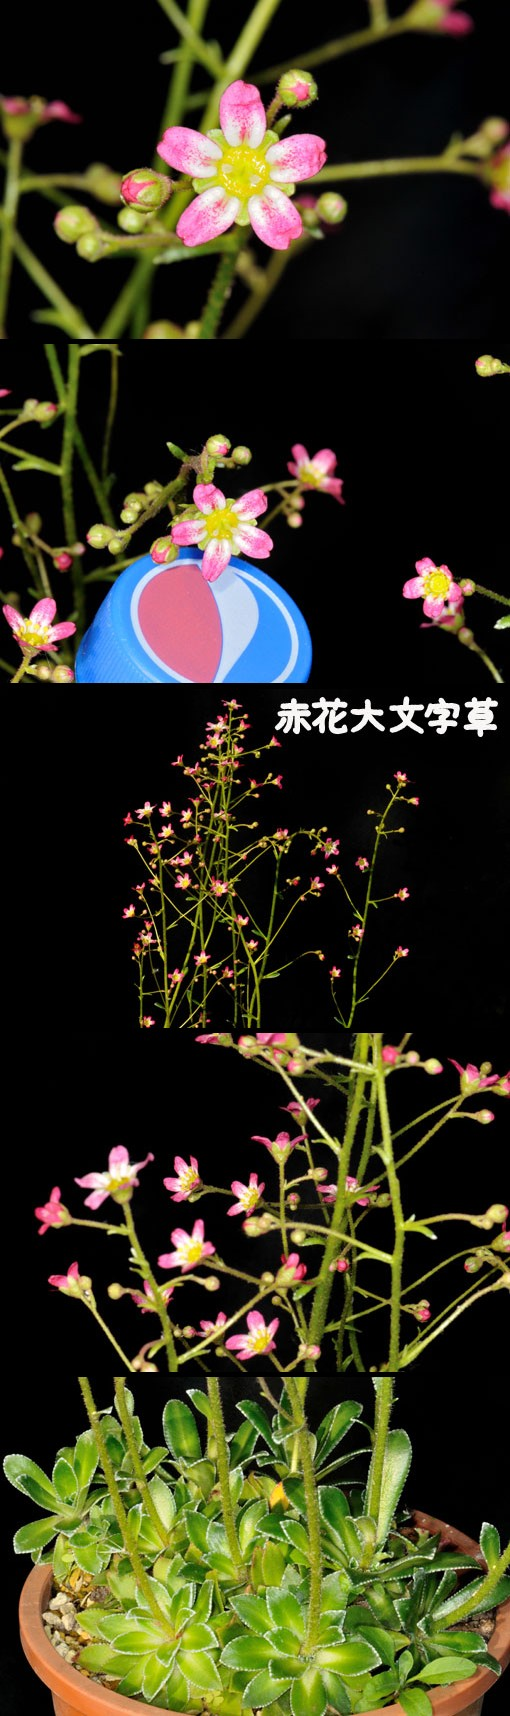 DSD_6166q90.jpg